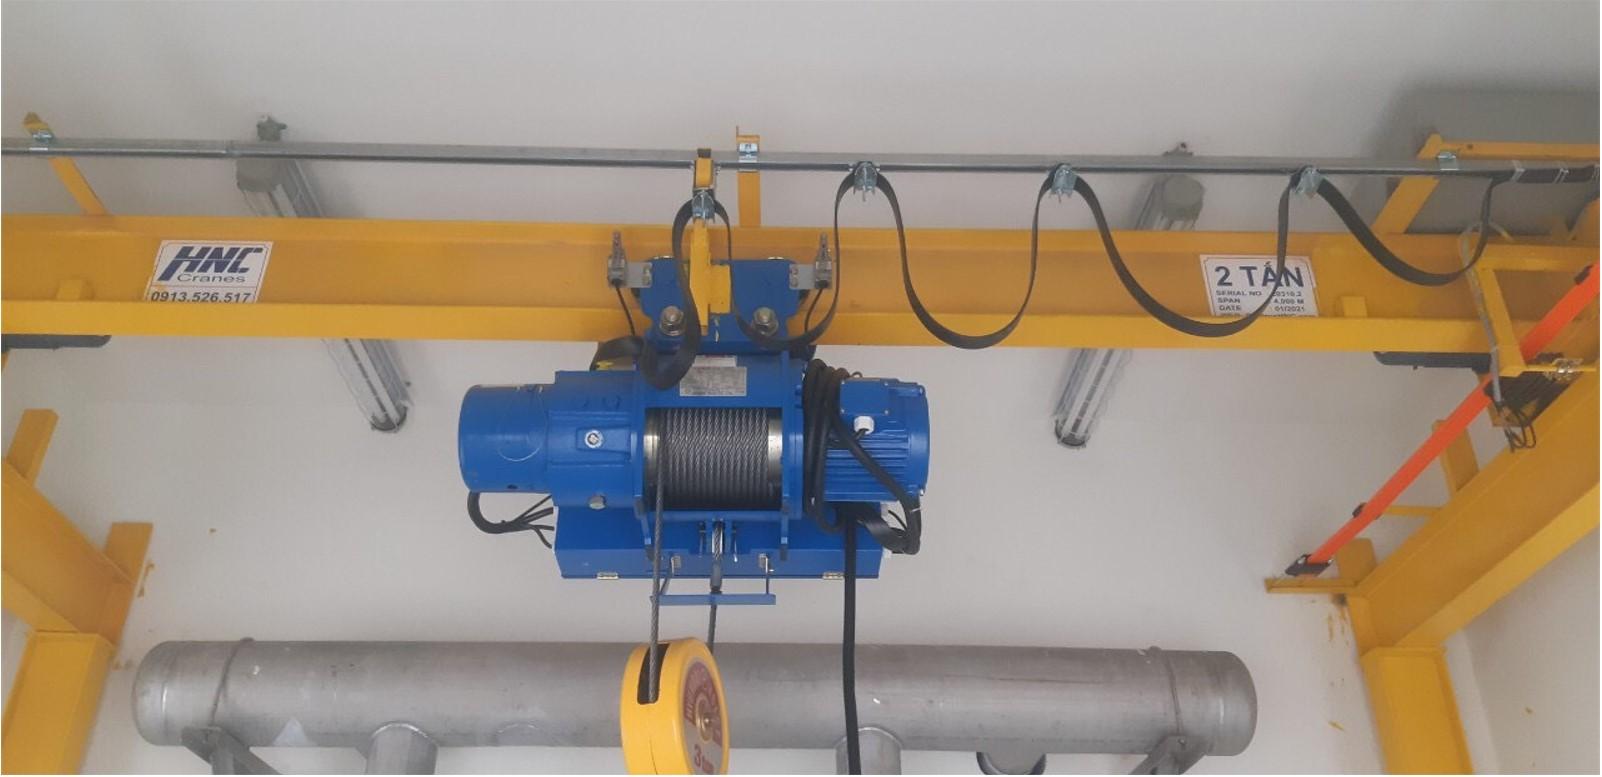 Cầu trục dầm đơn 2 tấn lắp đặt tại dự án: Trạm sử lý nước thải KCN Vsip Hải Phòng